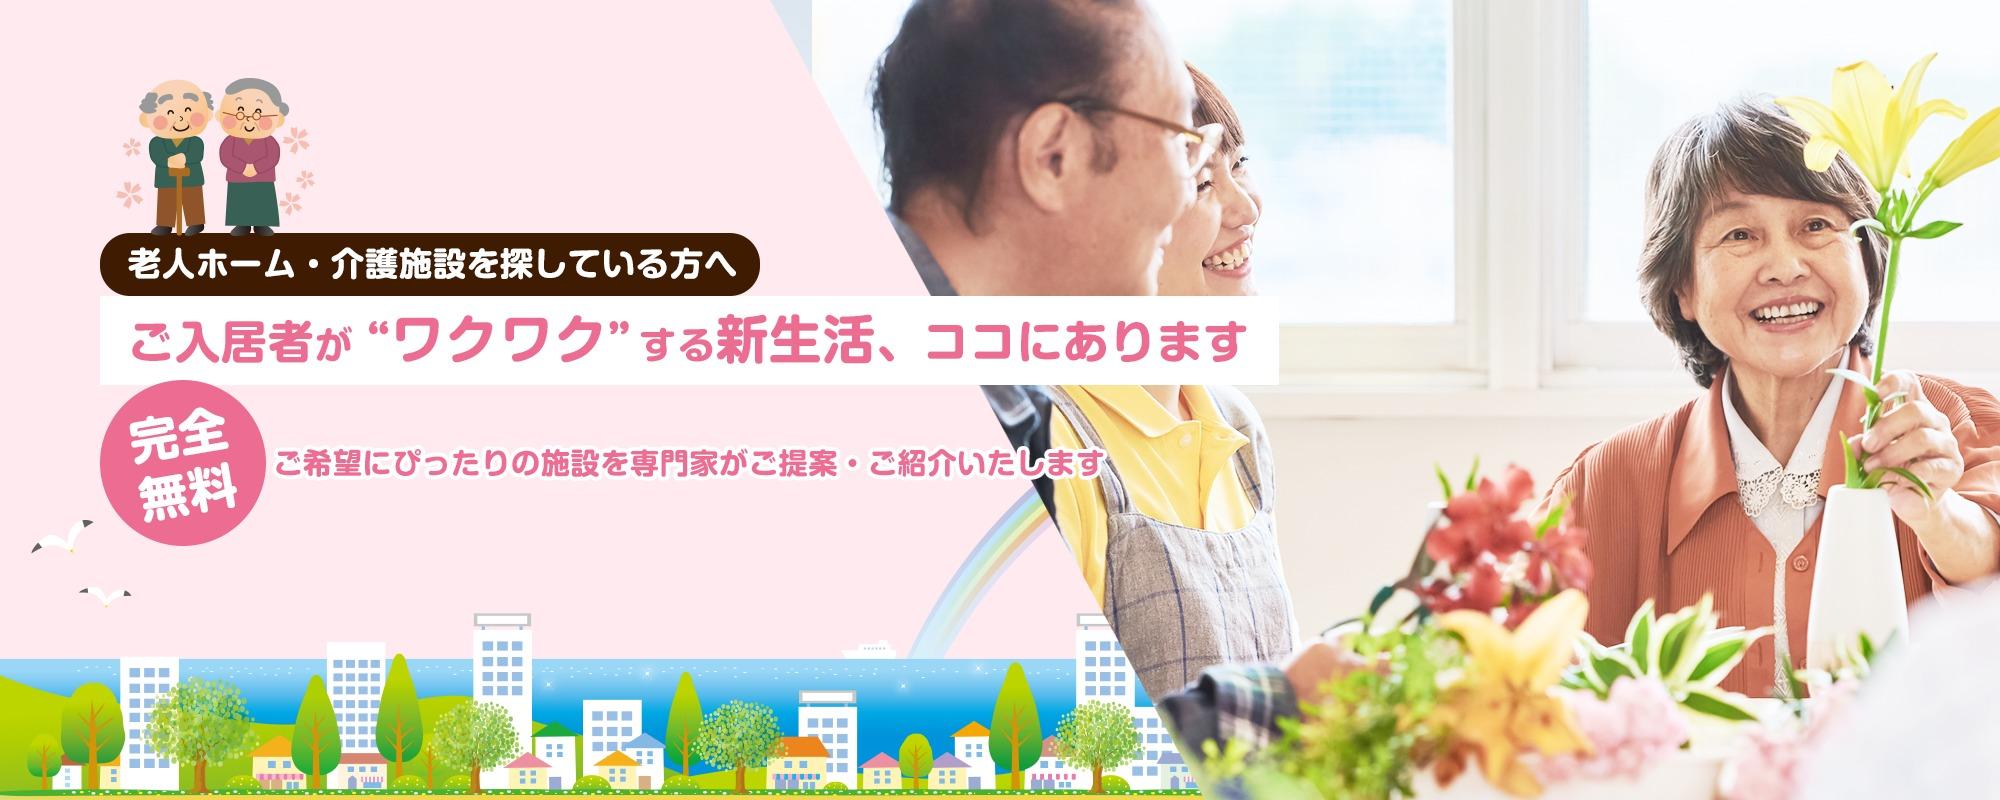 湘南エリアで老人ホーム・介護施設をお探しなら、無料相談・紹介のシーガルケアへ